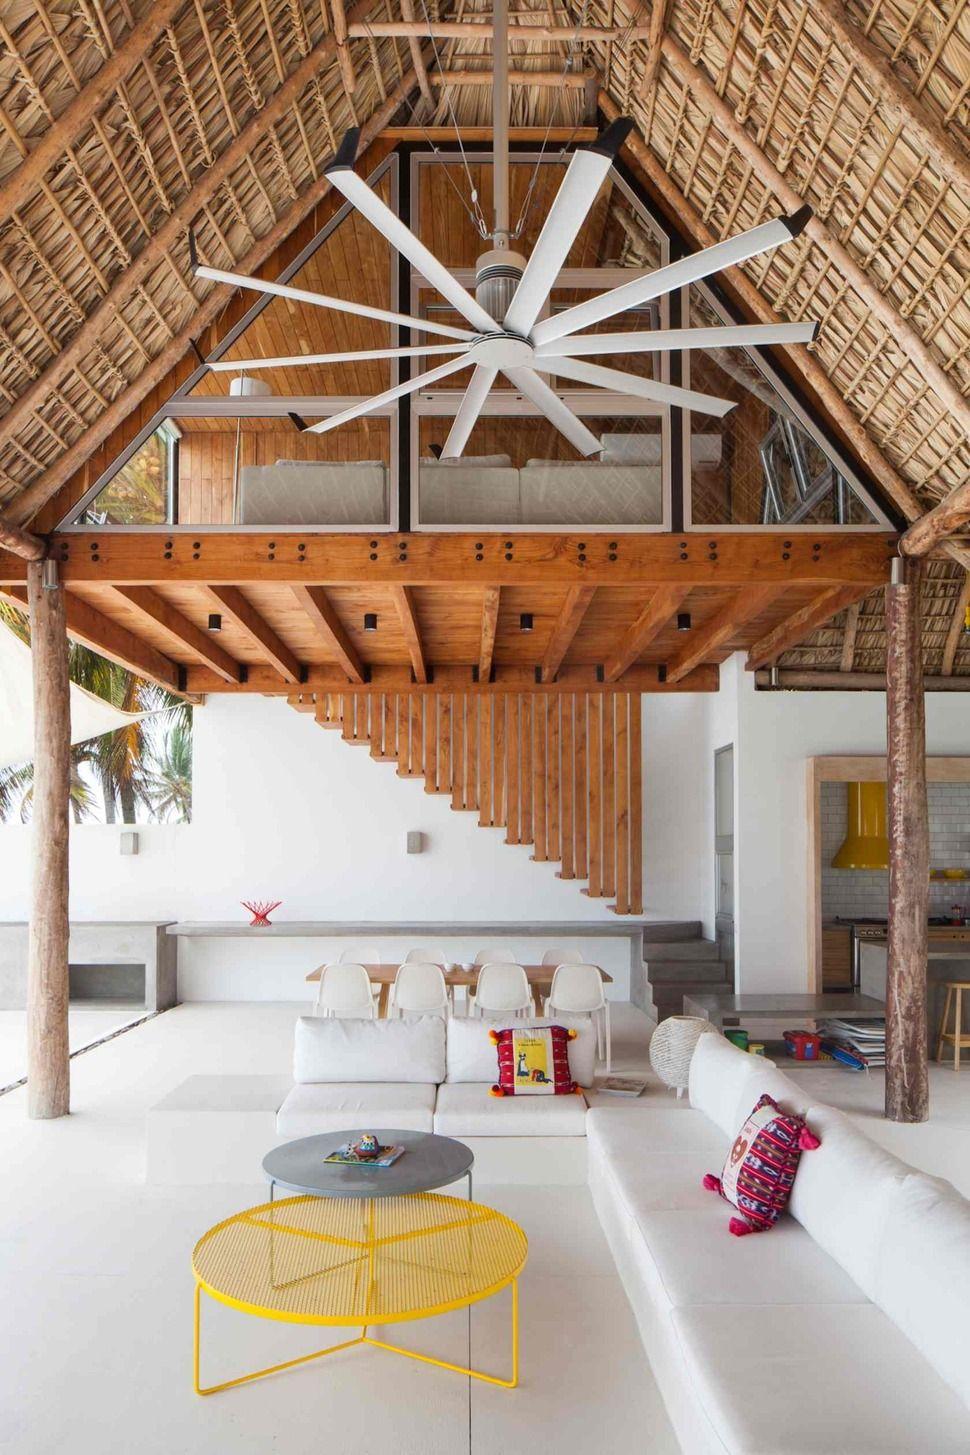 Dream beach houses rustic beach houses modern beach houses tropical houses tropical